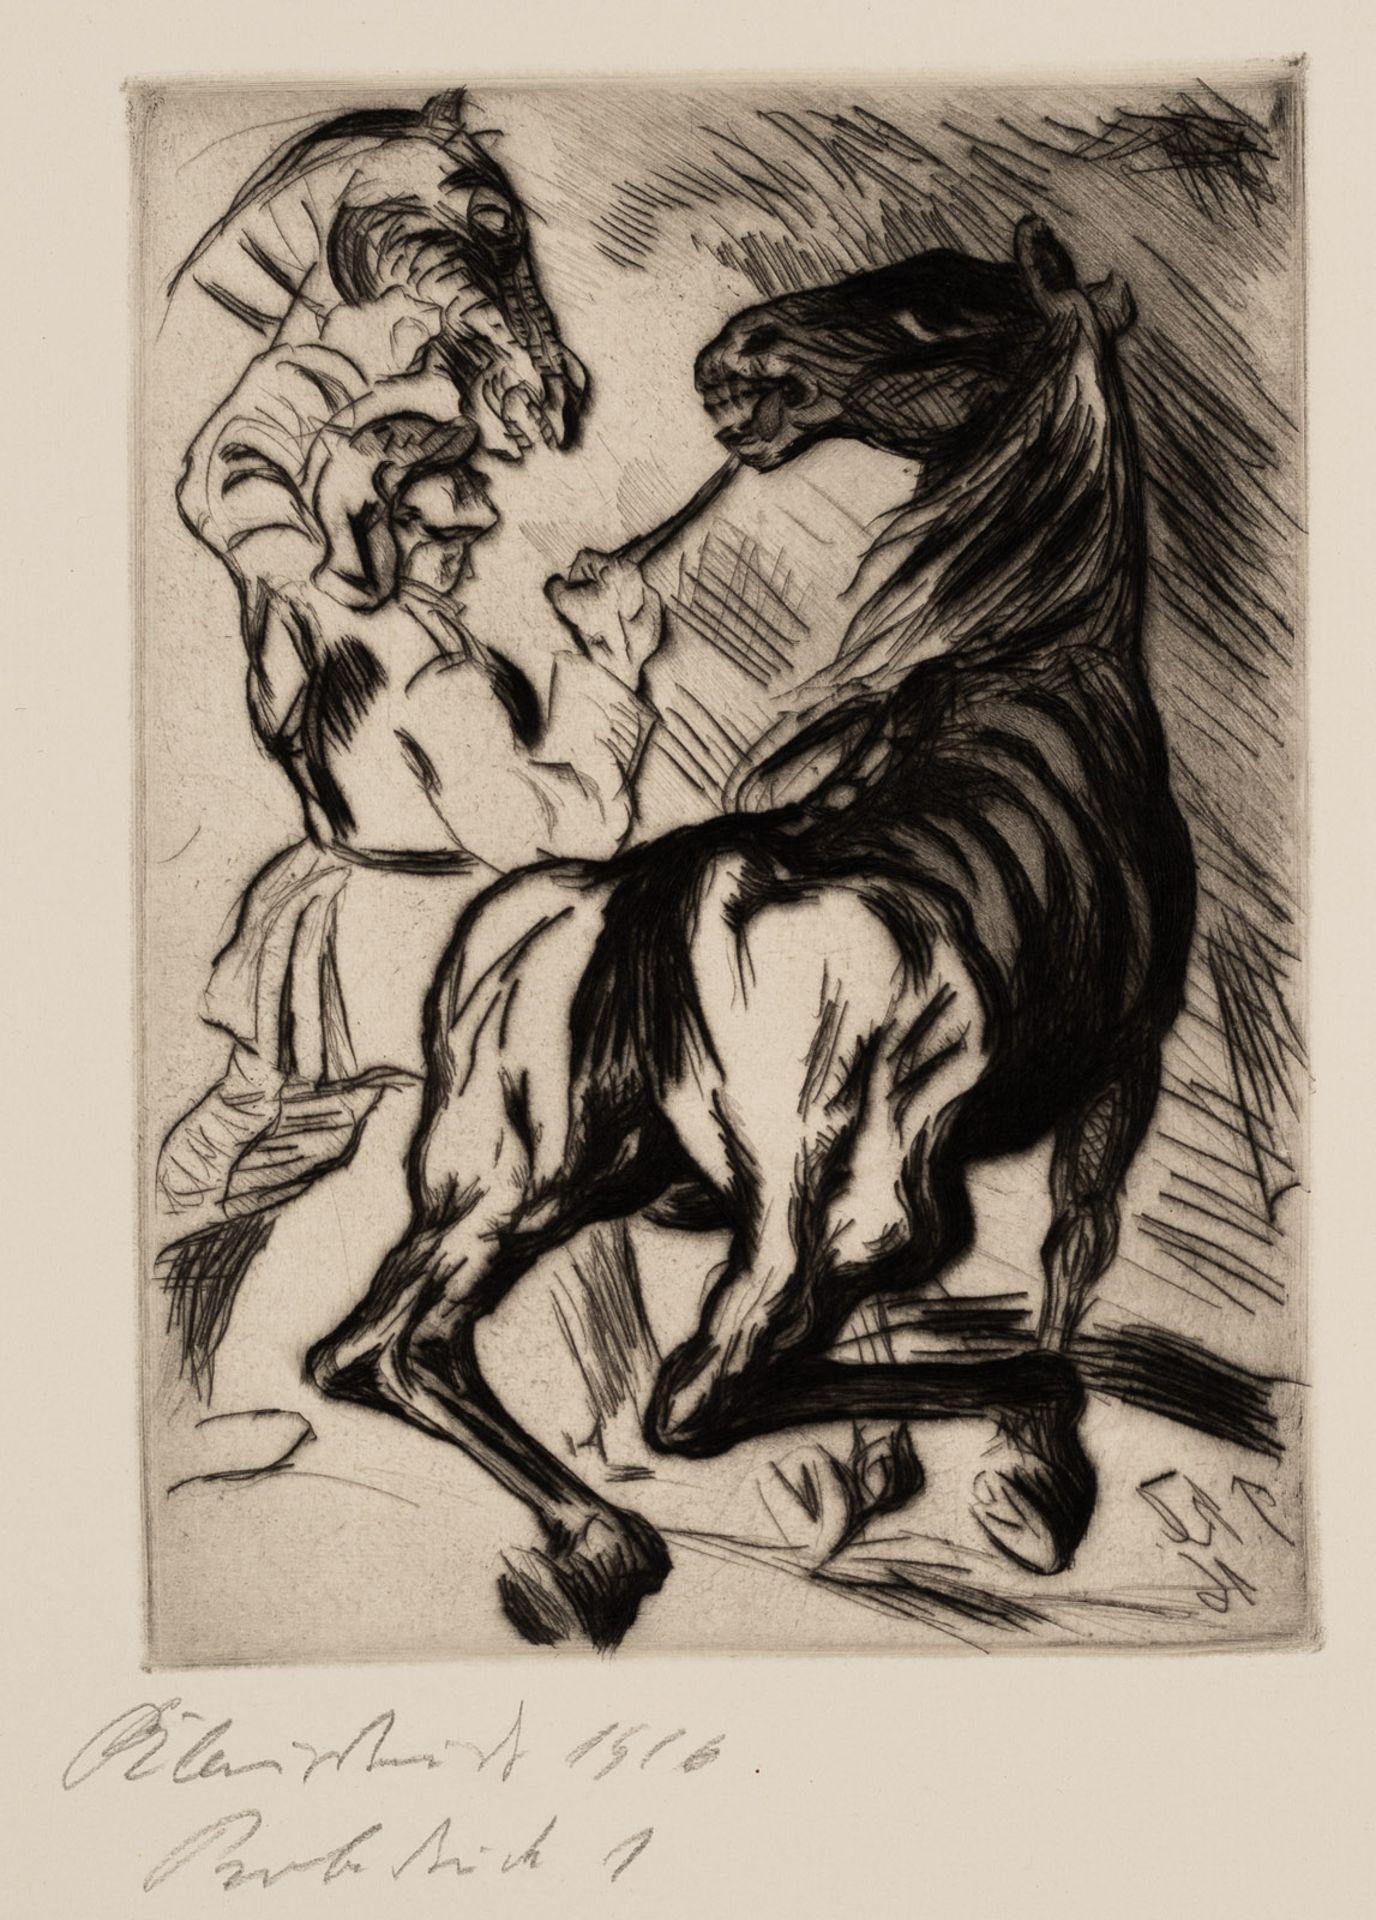 Kleinschmidt, Paul - Image 3 of 6